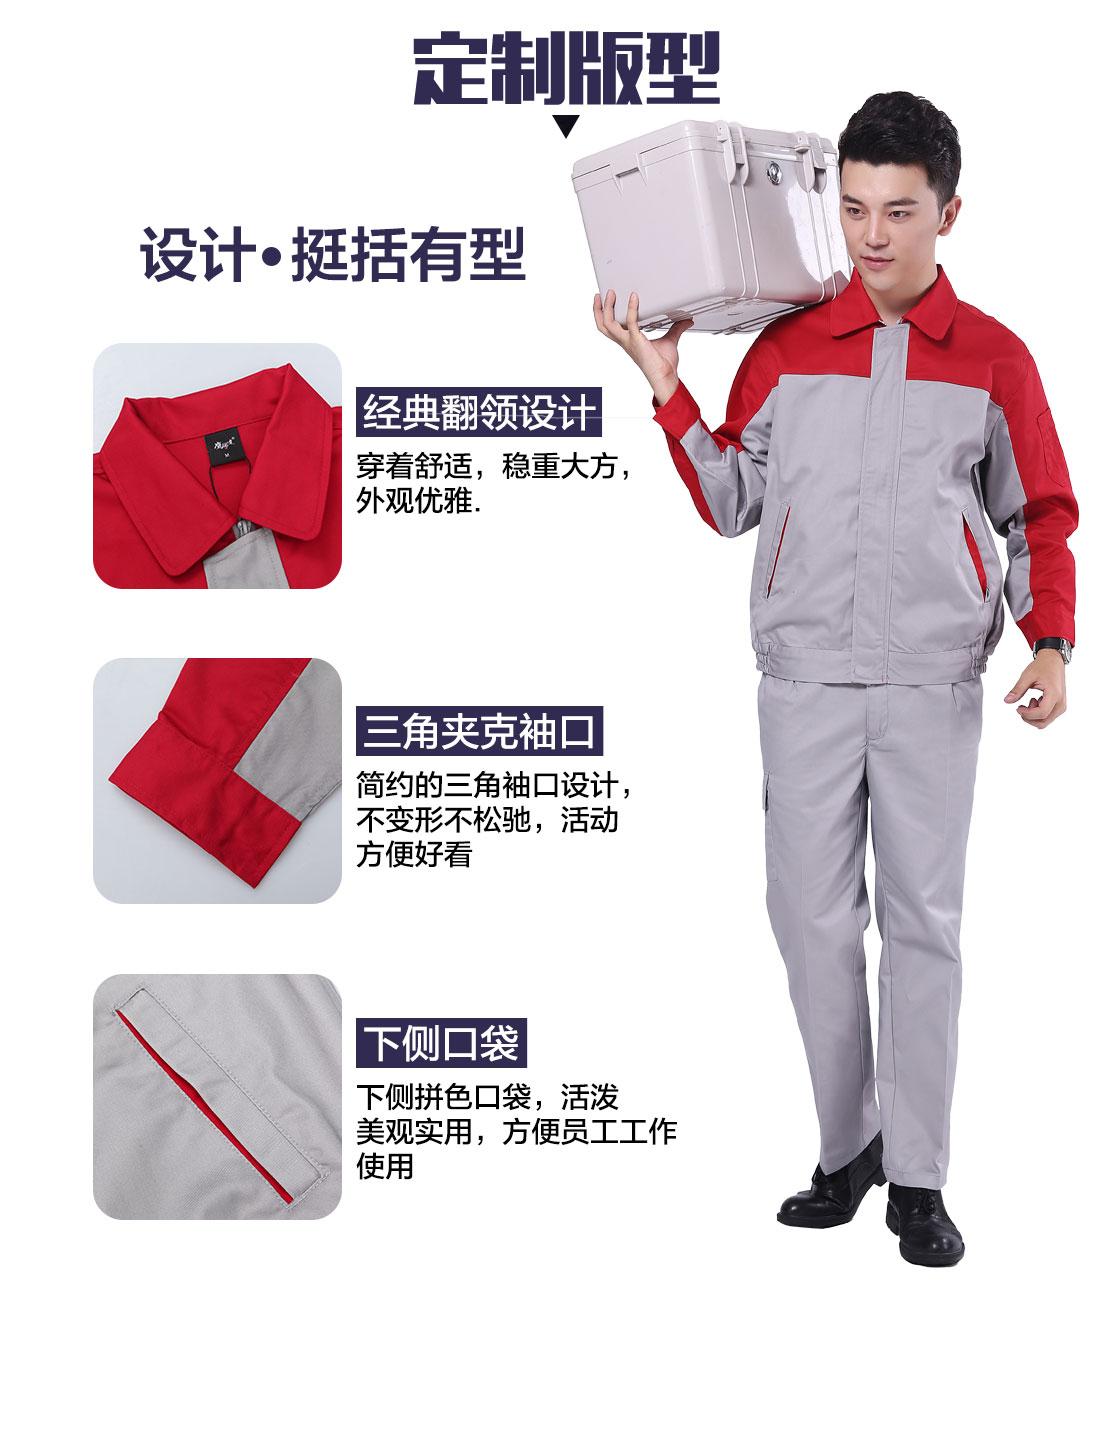 冬季棉服工作服版型设计.jpg